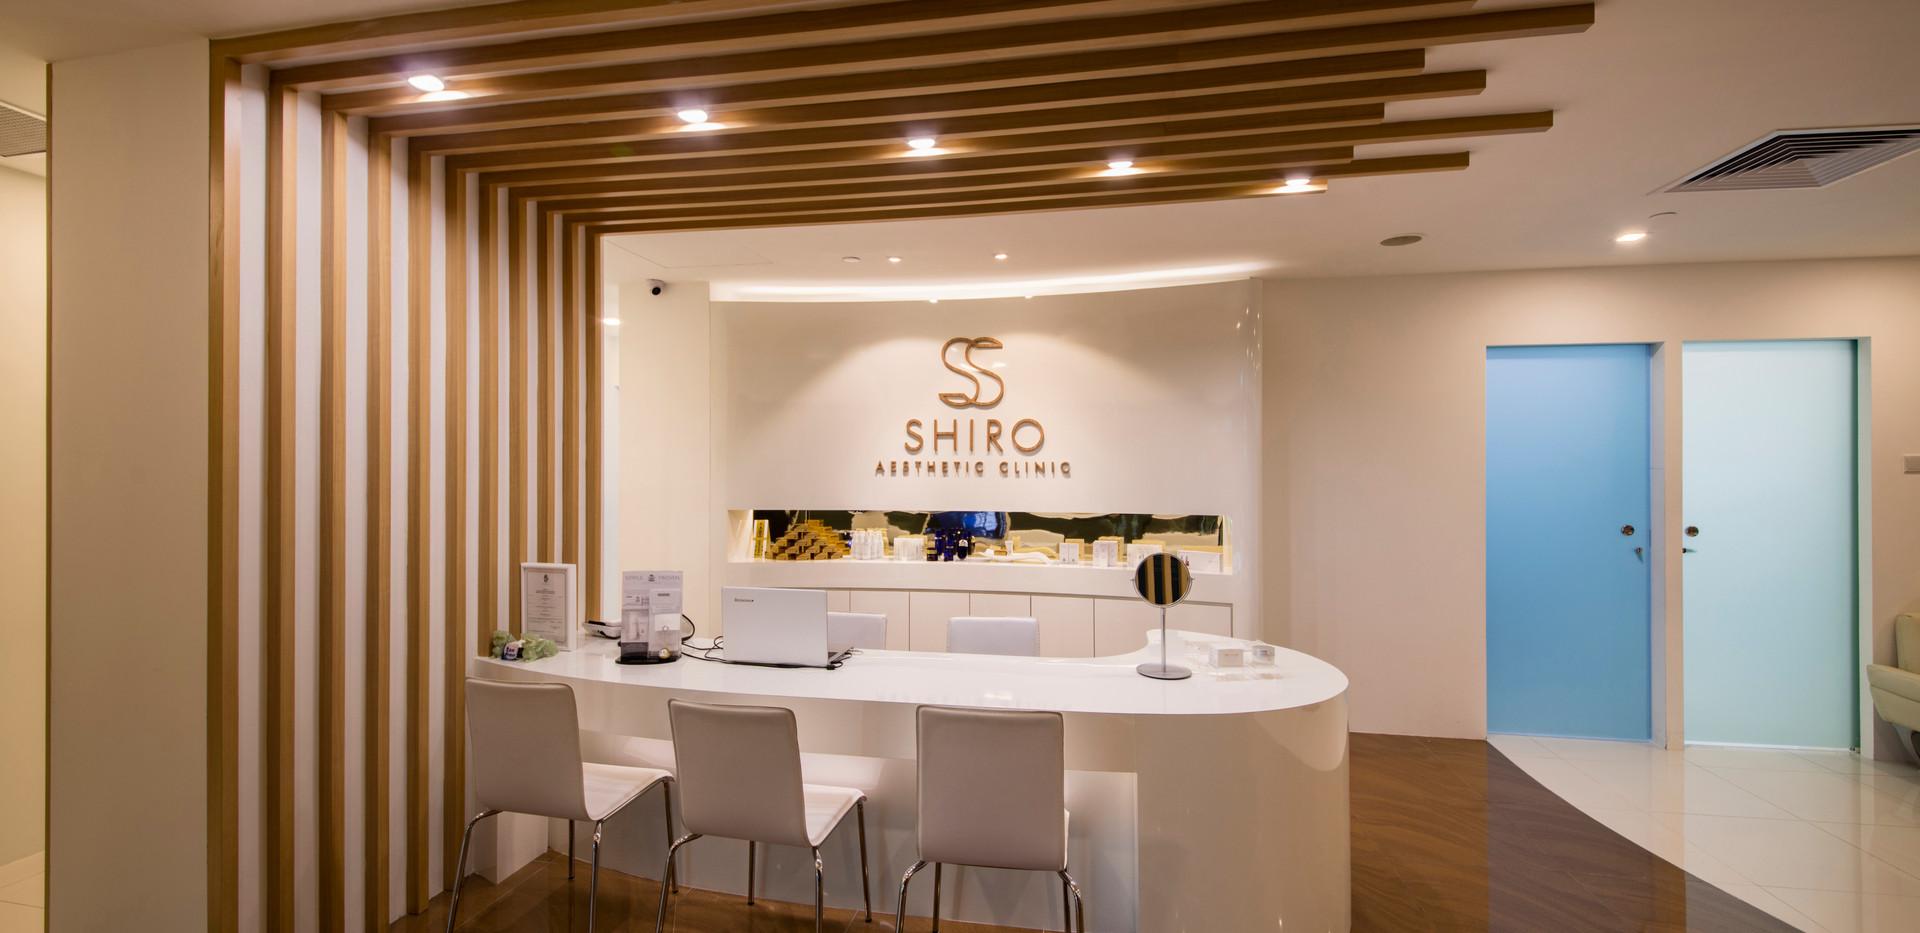 Shiro Aesthetics